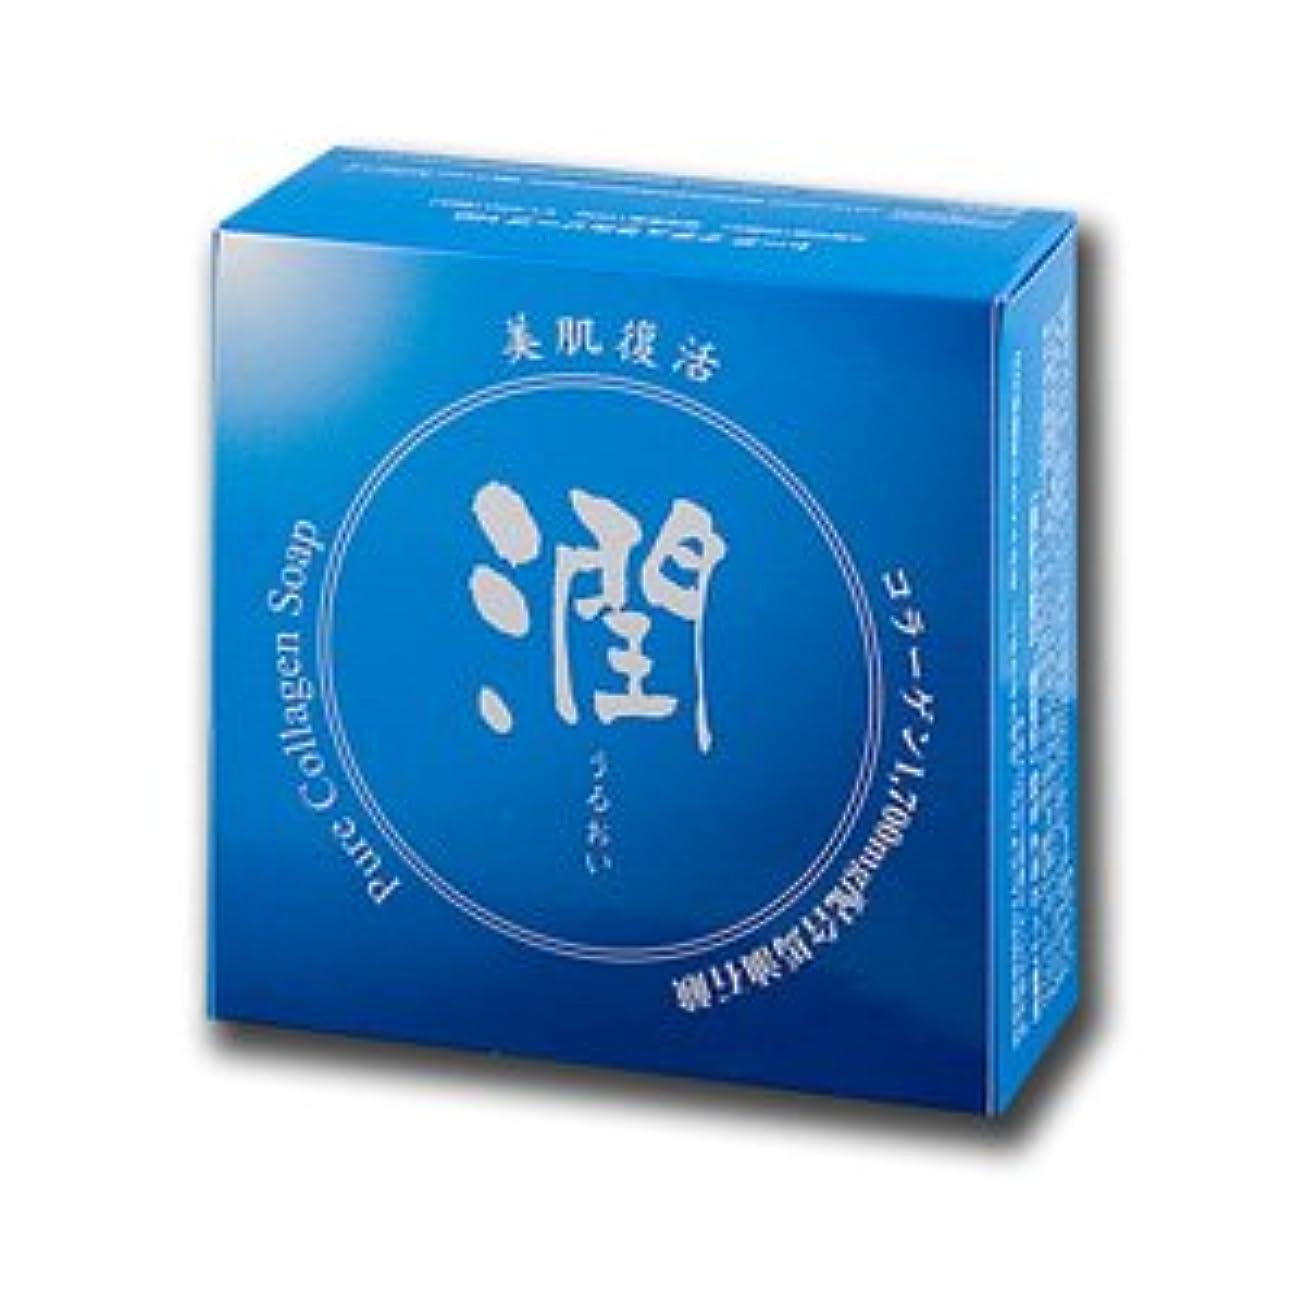 理由だらしない増強するコラーゲン馬油石鹸 潤 100g (#800410) ×3個セット